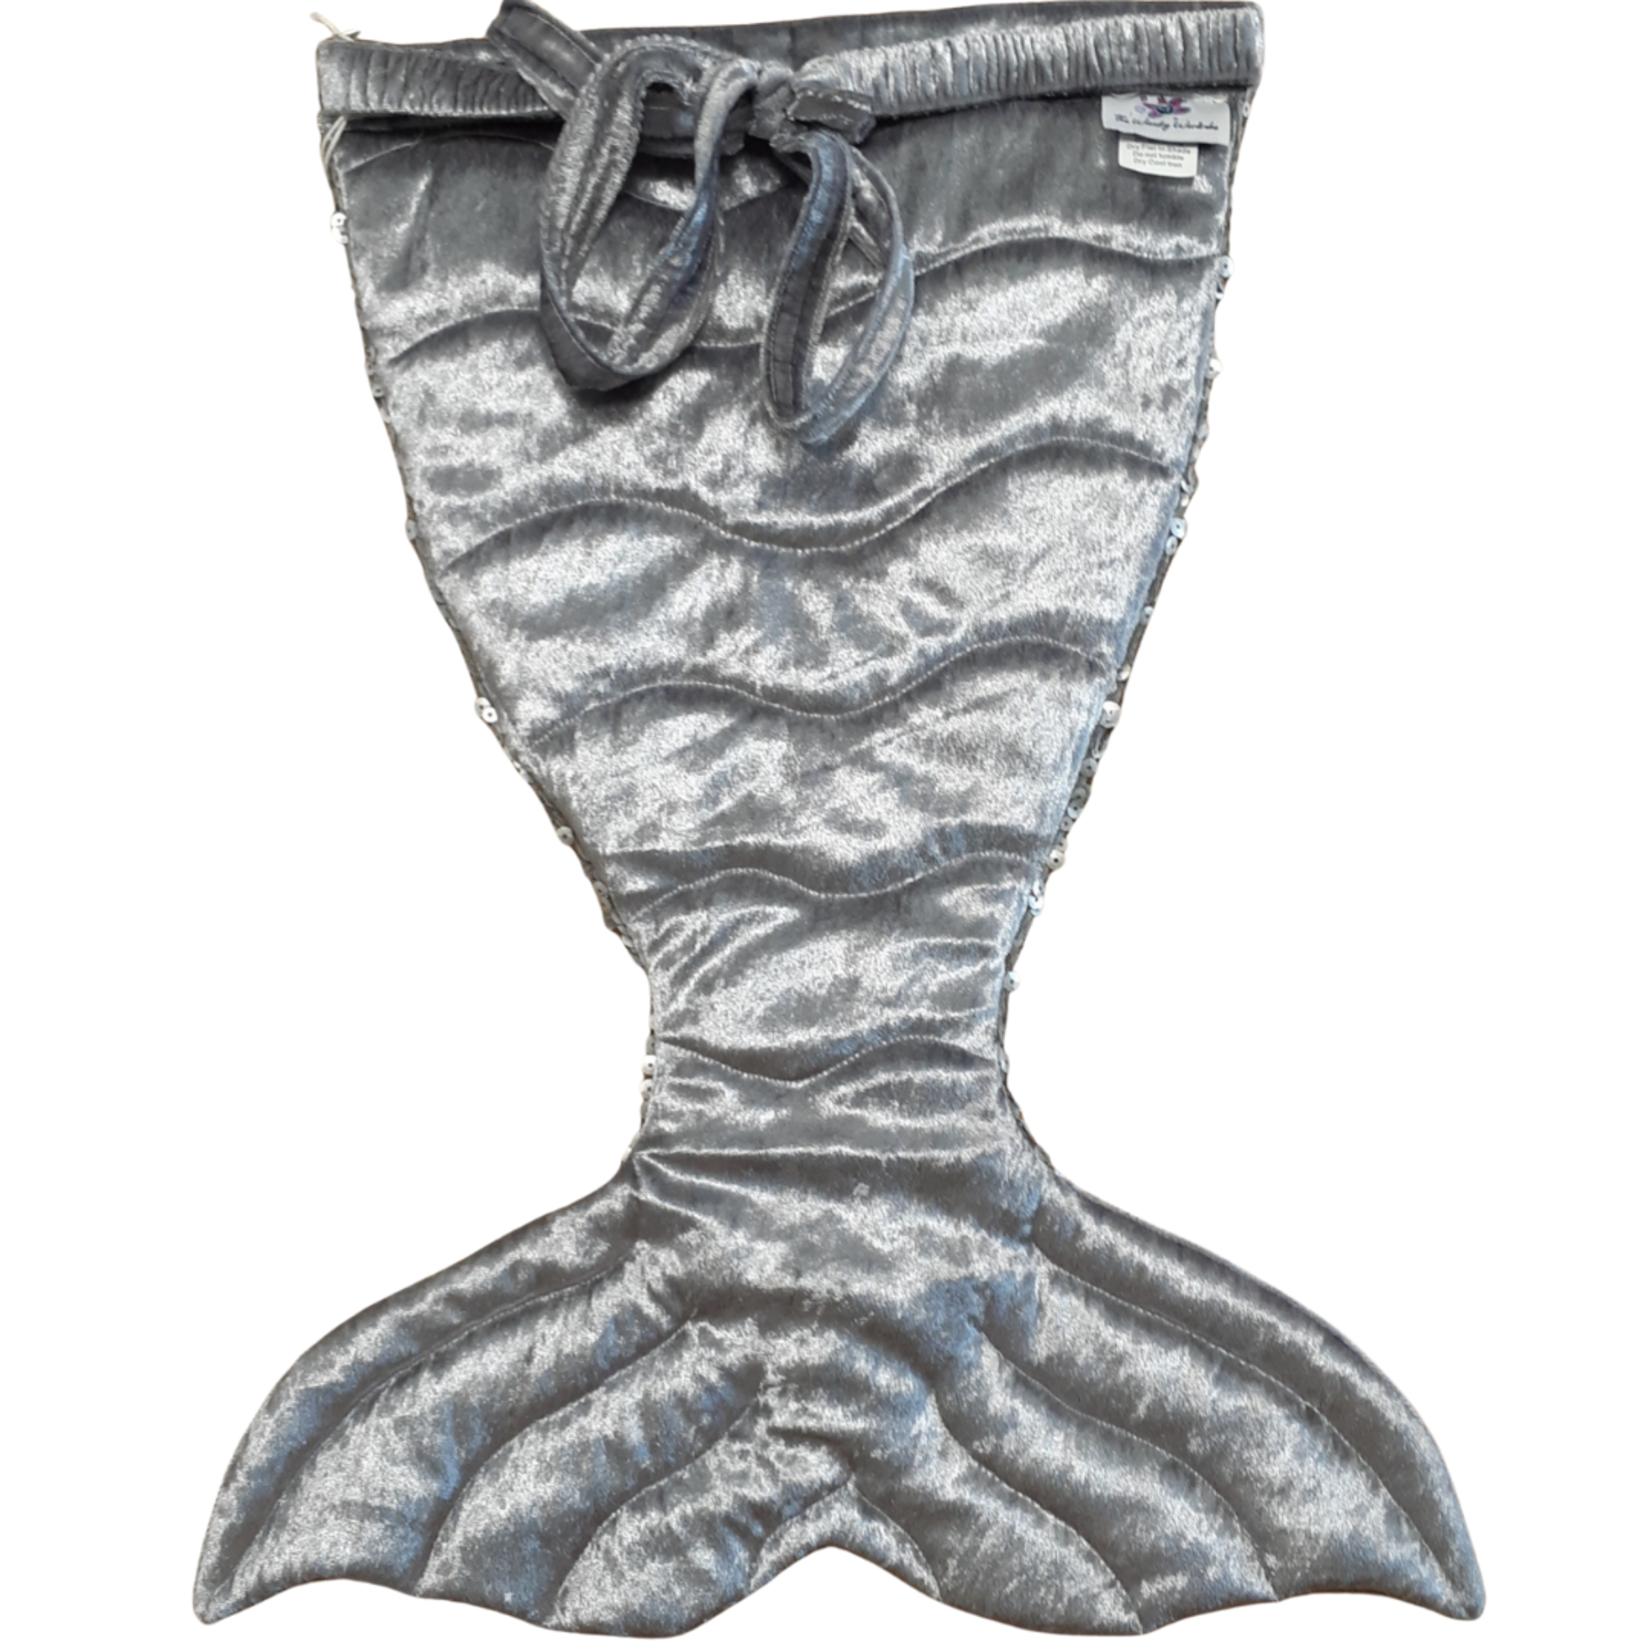 Wacky Wardrobe Wacky Wardrobe Bling Mermaid Tail Silver Small